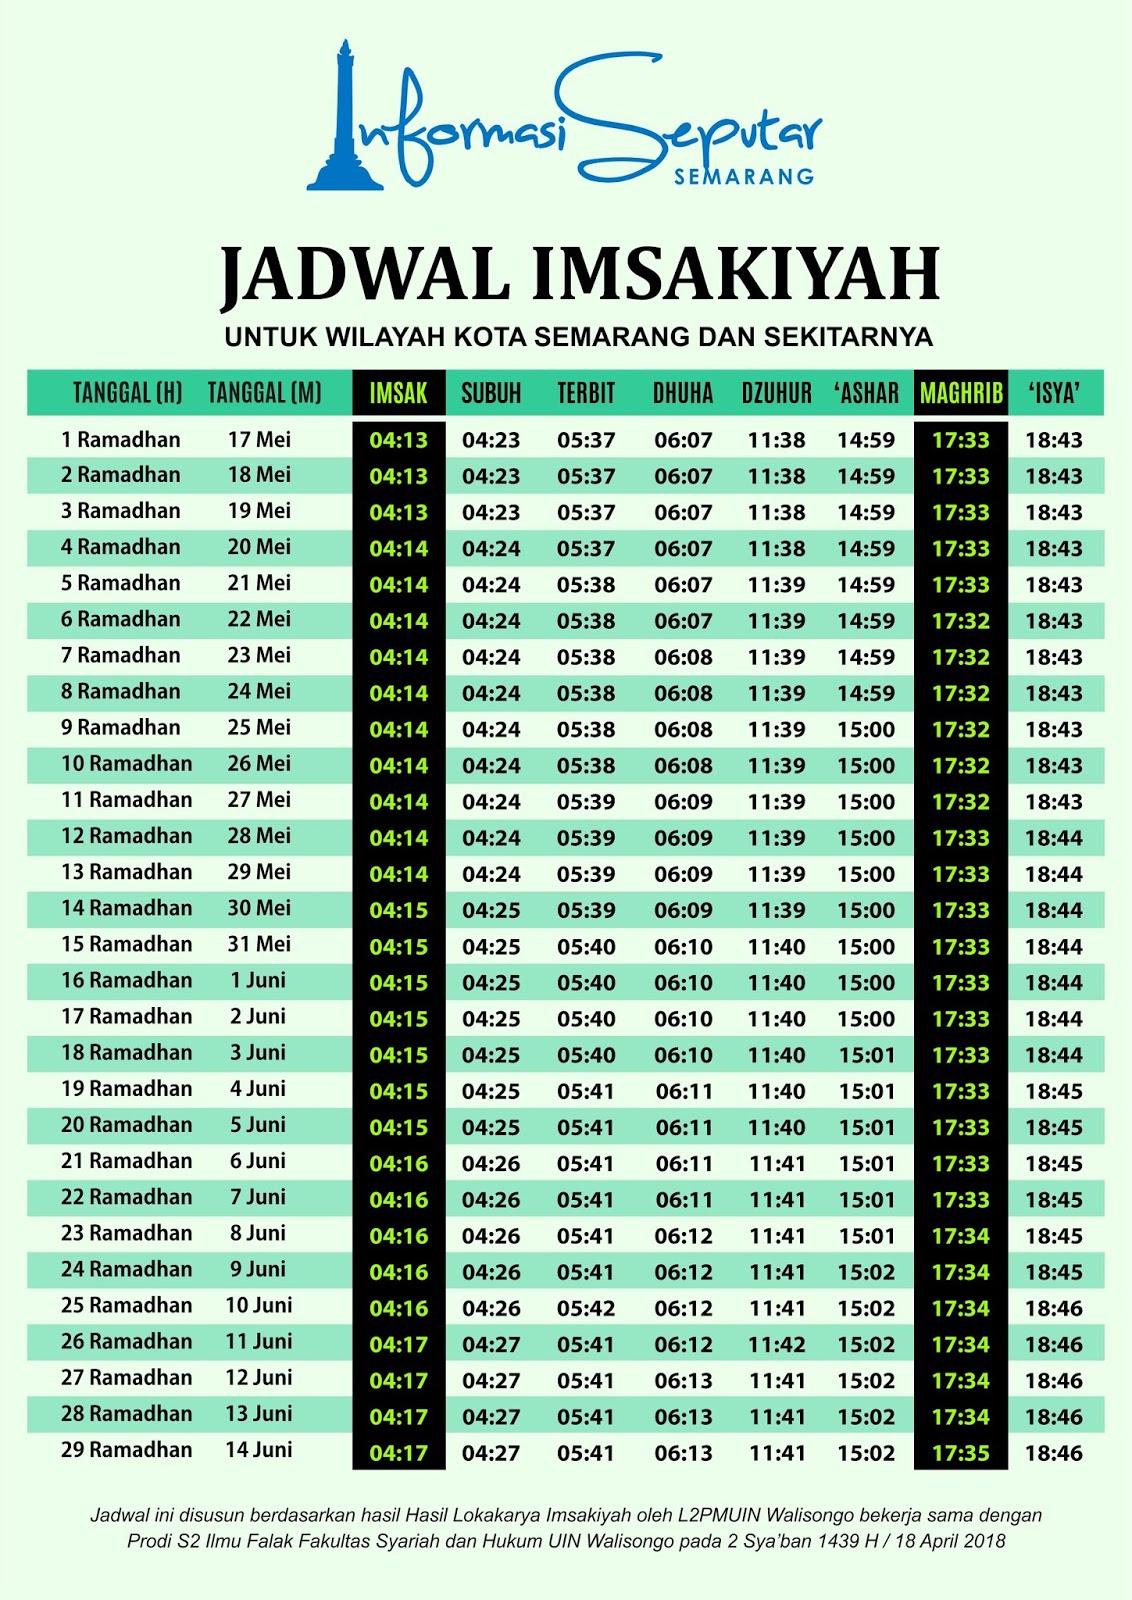 Jadwal Imsakiyah Kota Semarang dan Sekitarnya